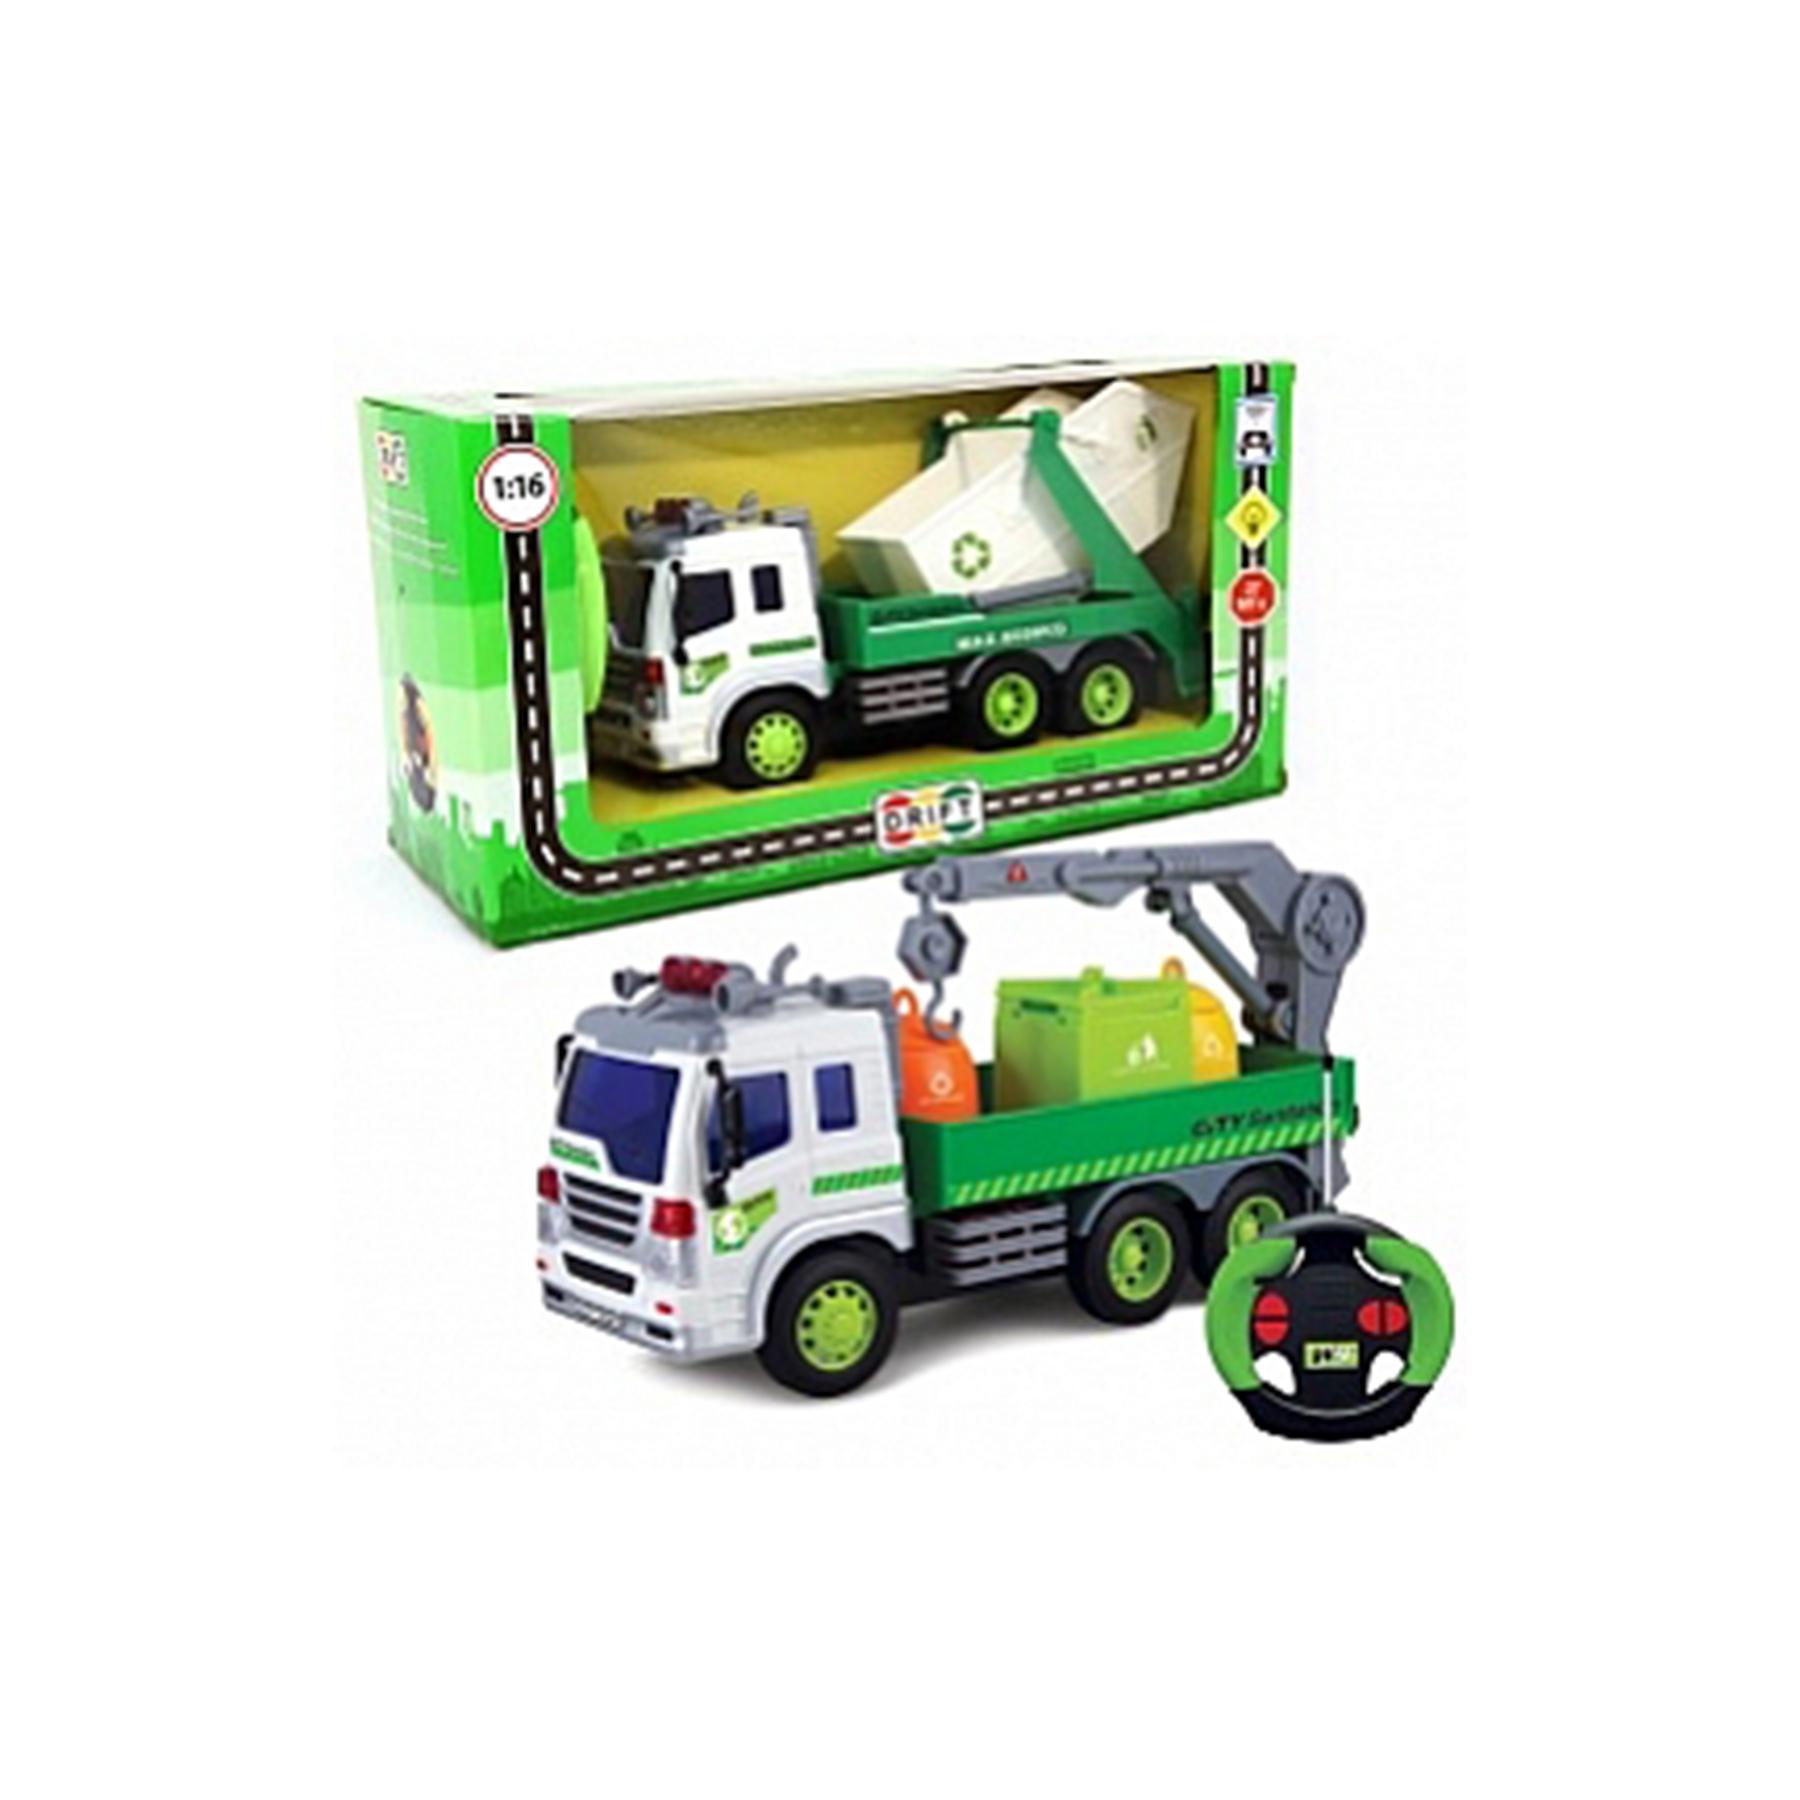 Машина р/у грузовик-мусоровоз с манипулятором, со зв. и св., 27,5*8,5*14 см, 29631 (47976)